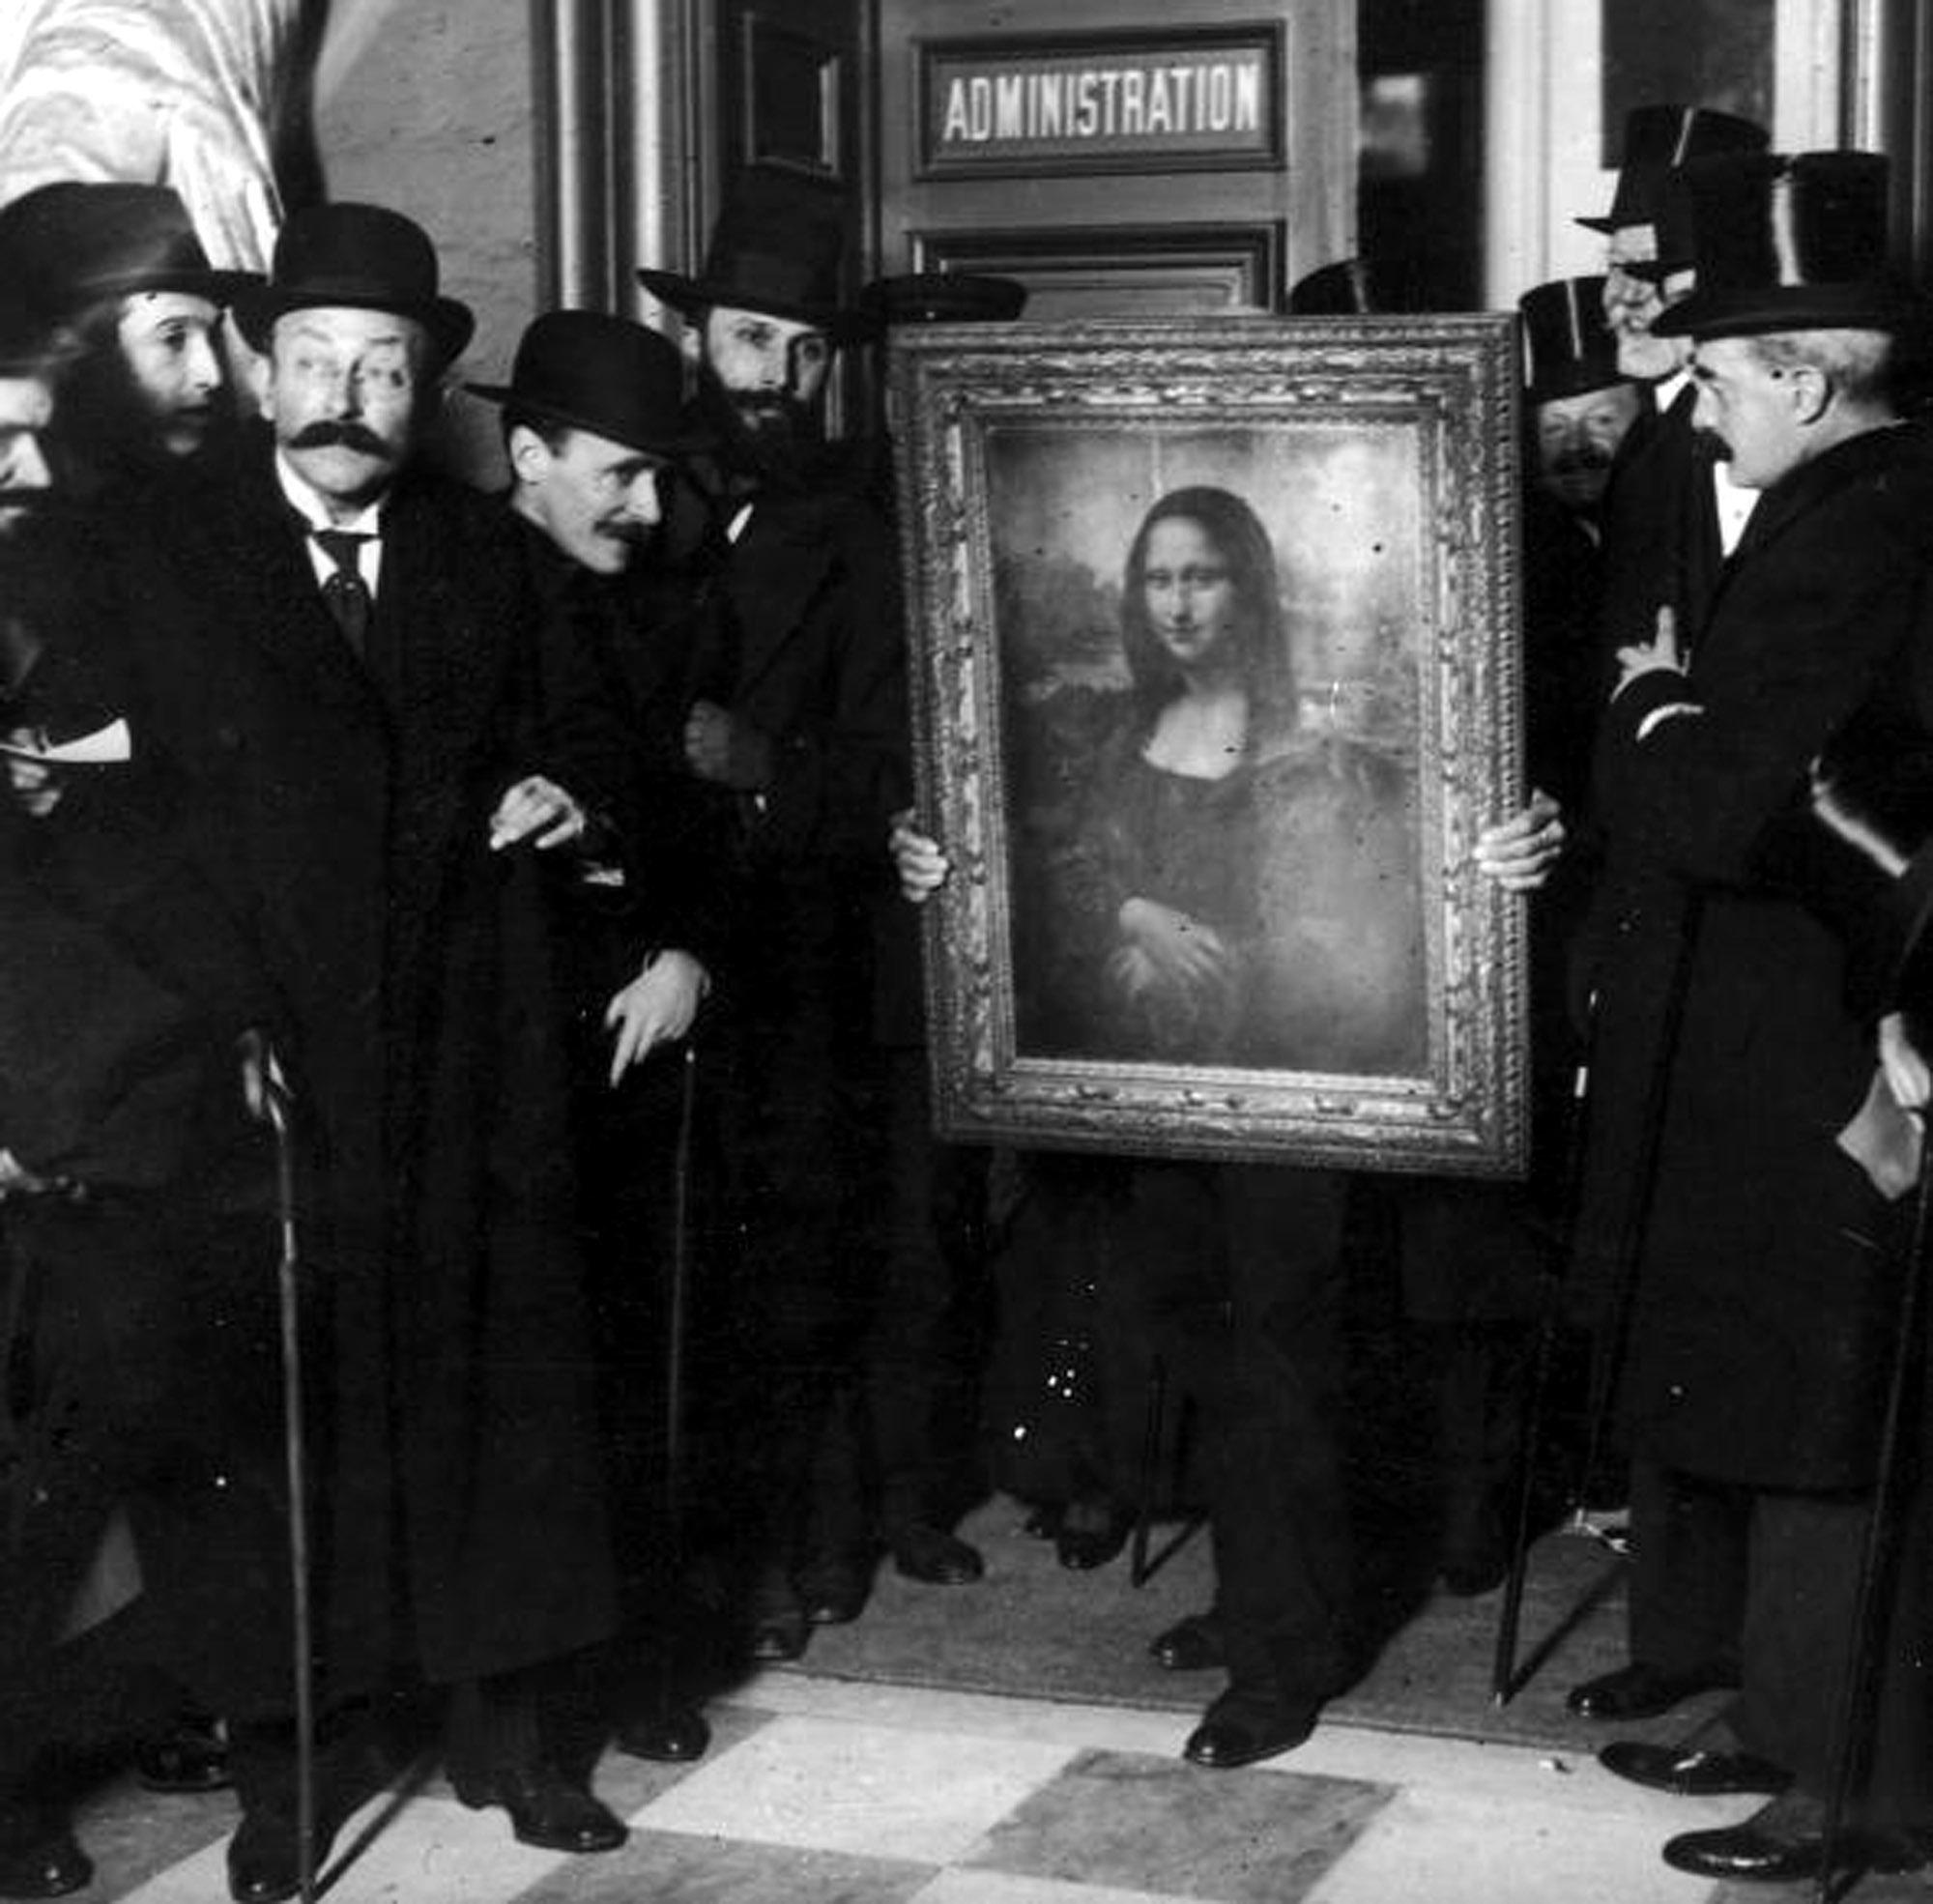 لوحة موناليزا بعد عودتها من إيطاليا بعد حادث سرقتها